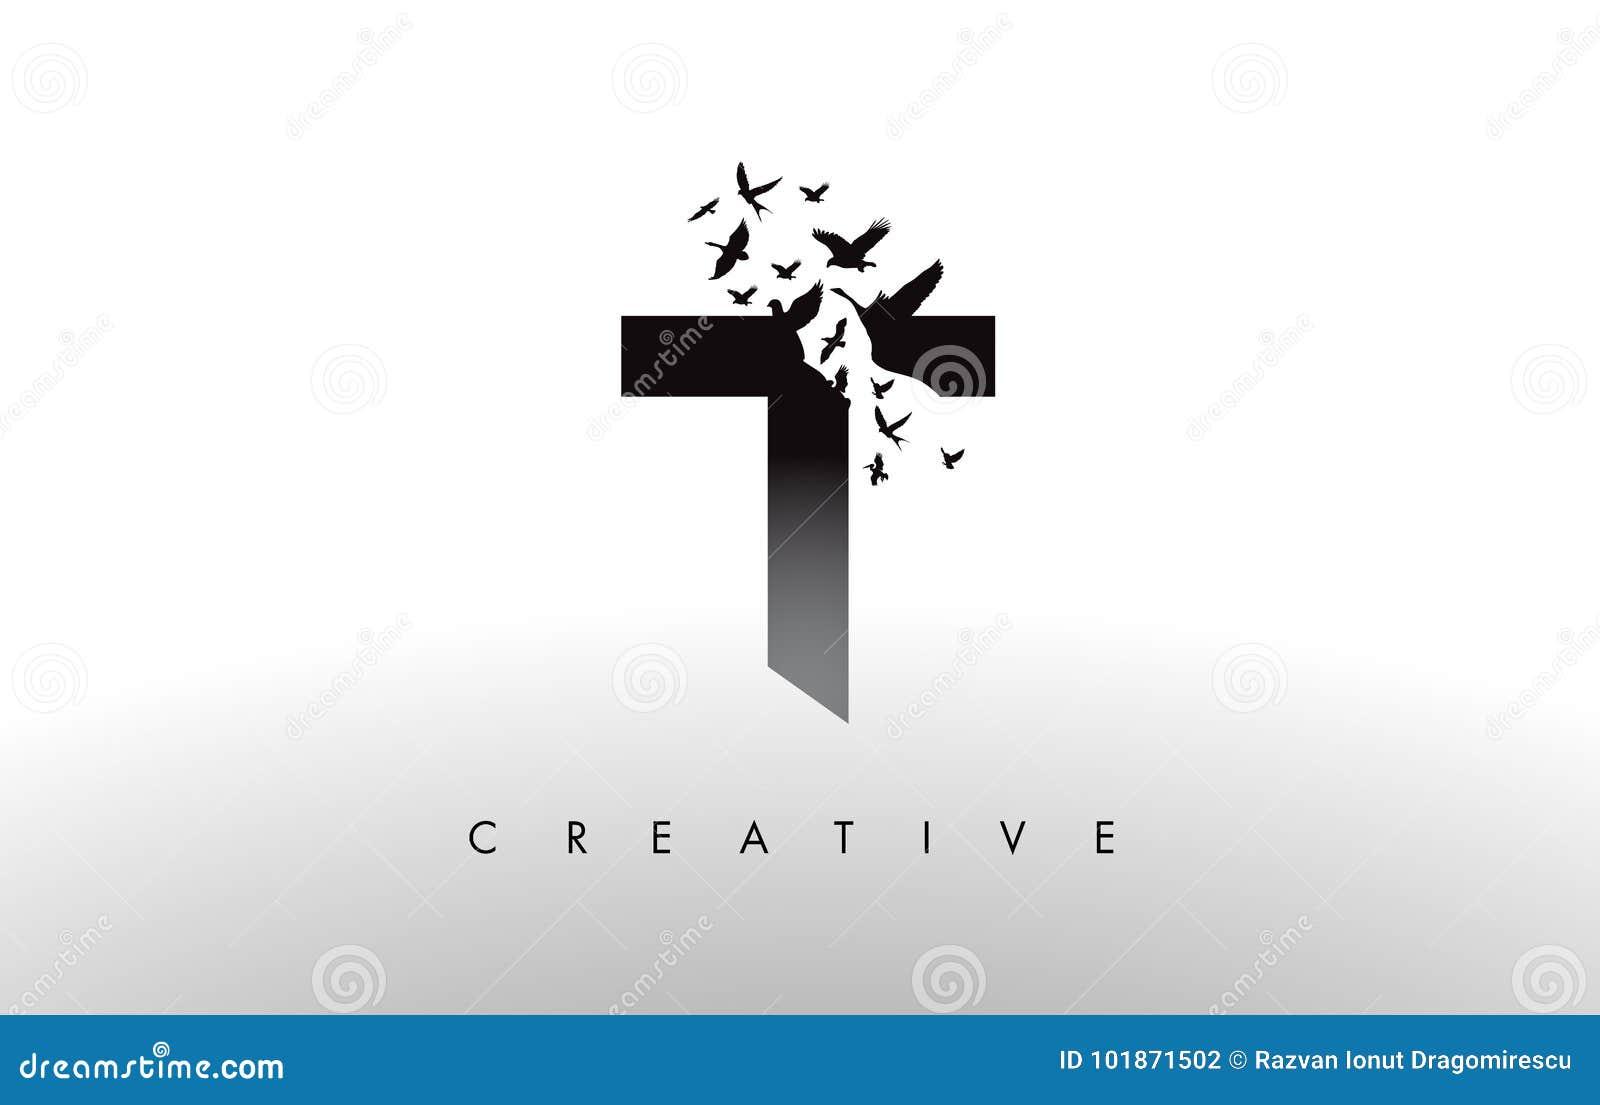 T Logo Letter con la multitud de los pájaros que vuelan y que se desintegran de